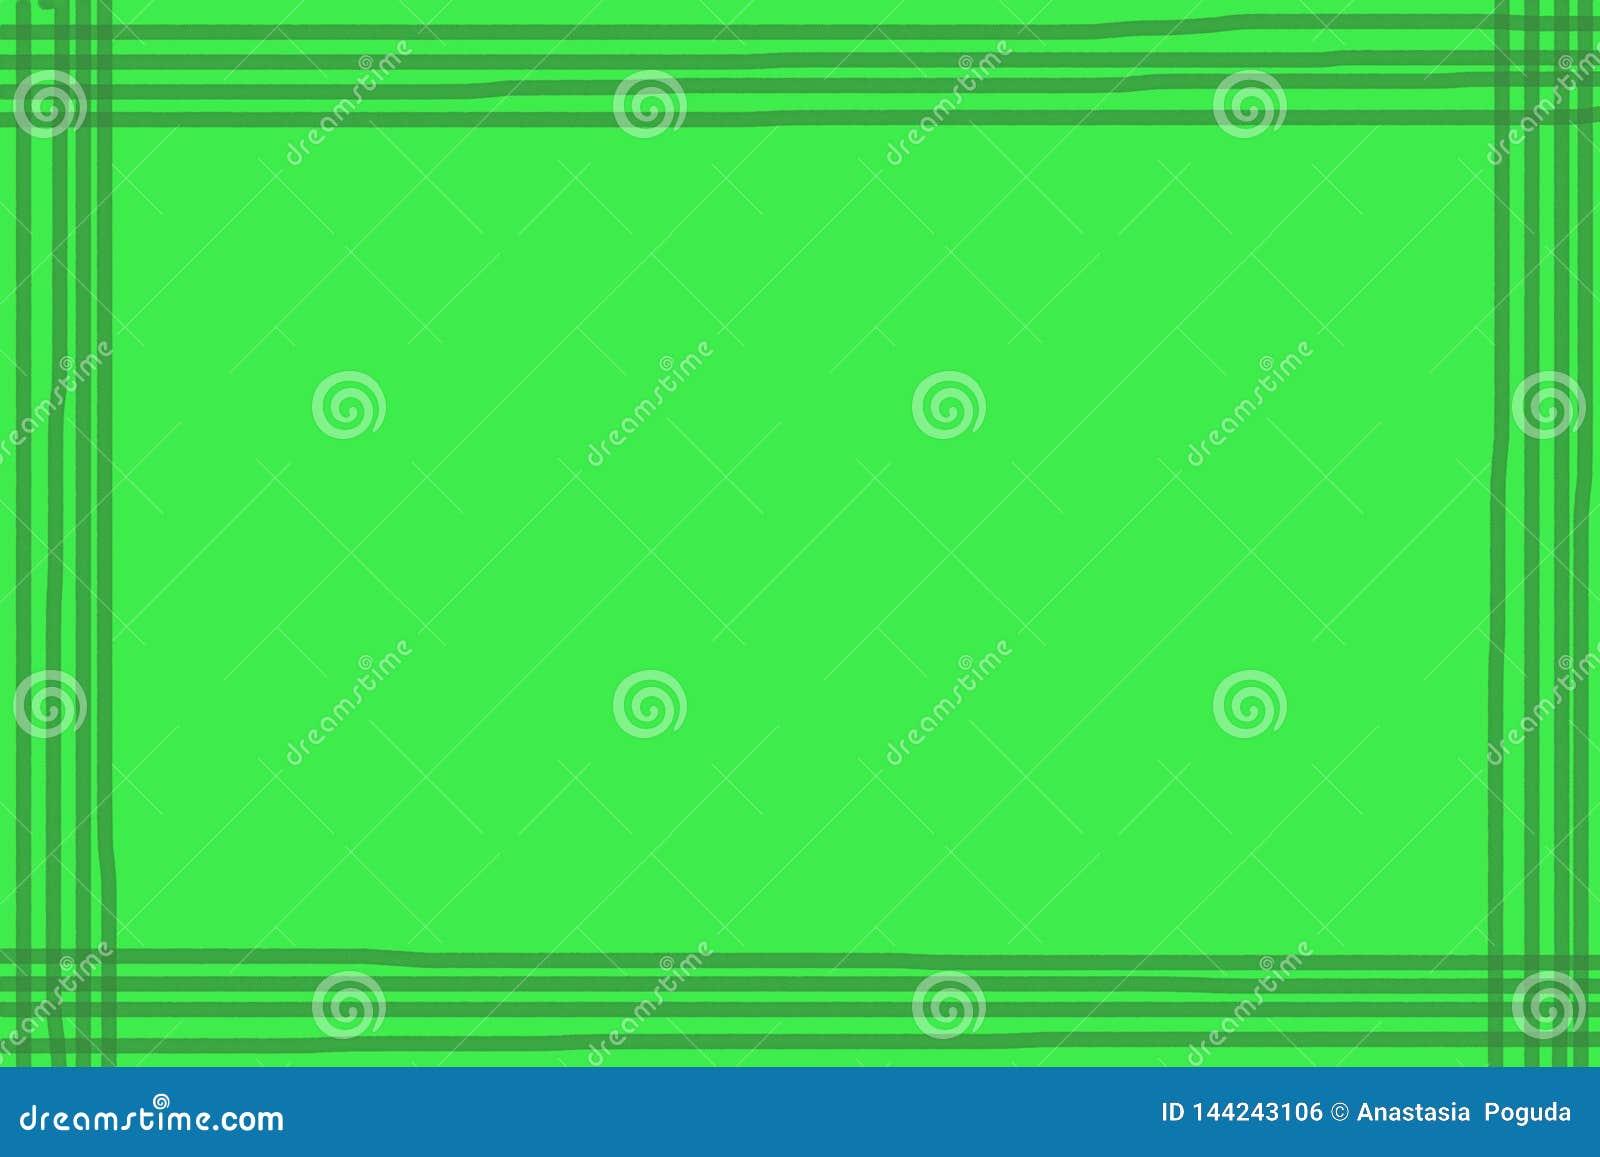 Fundo verde com linhas escuras